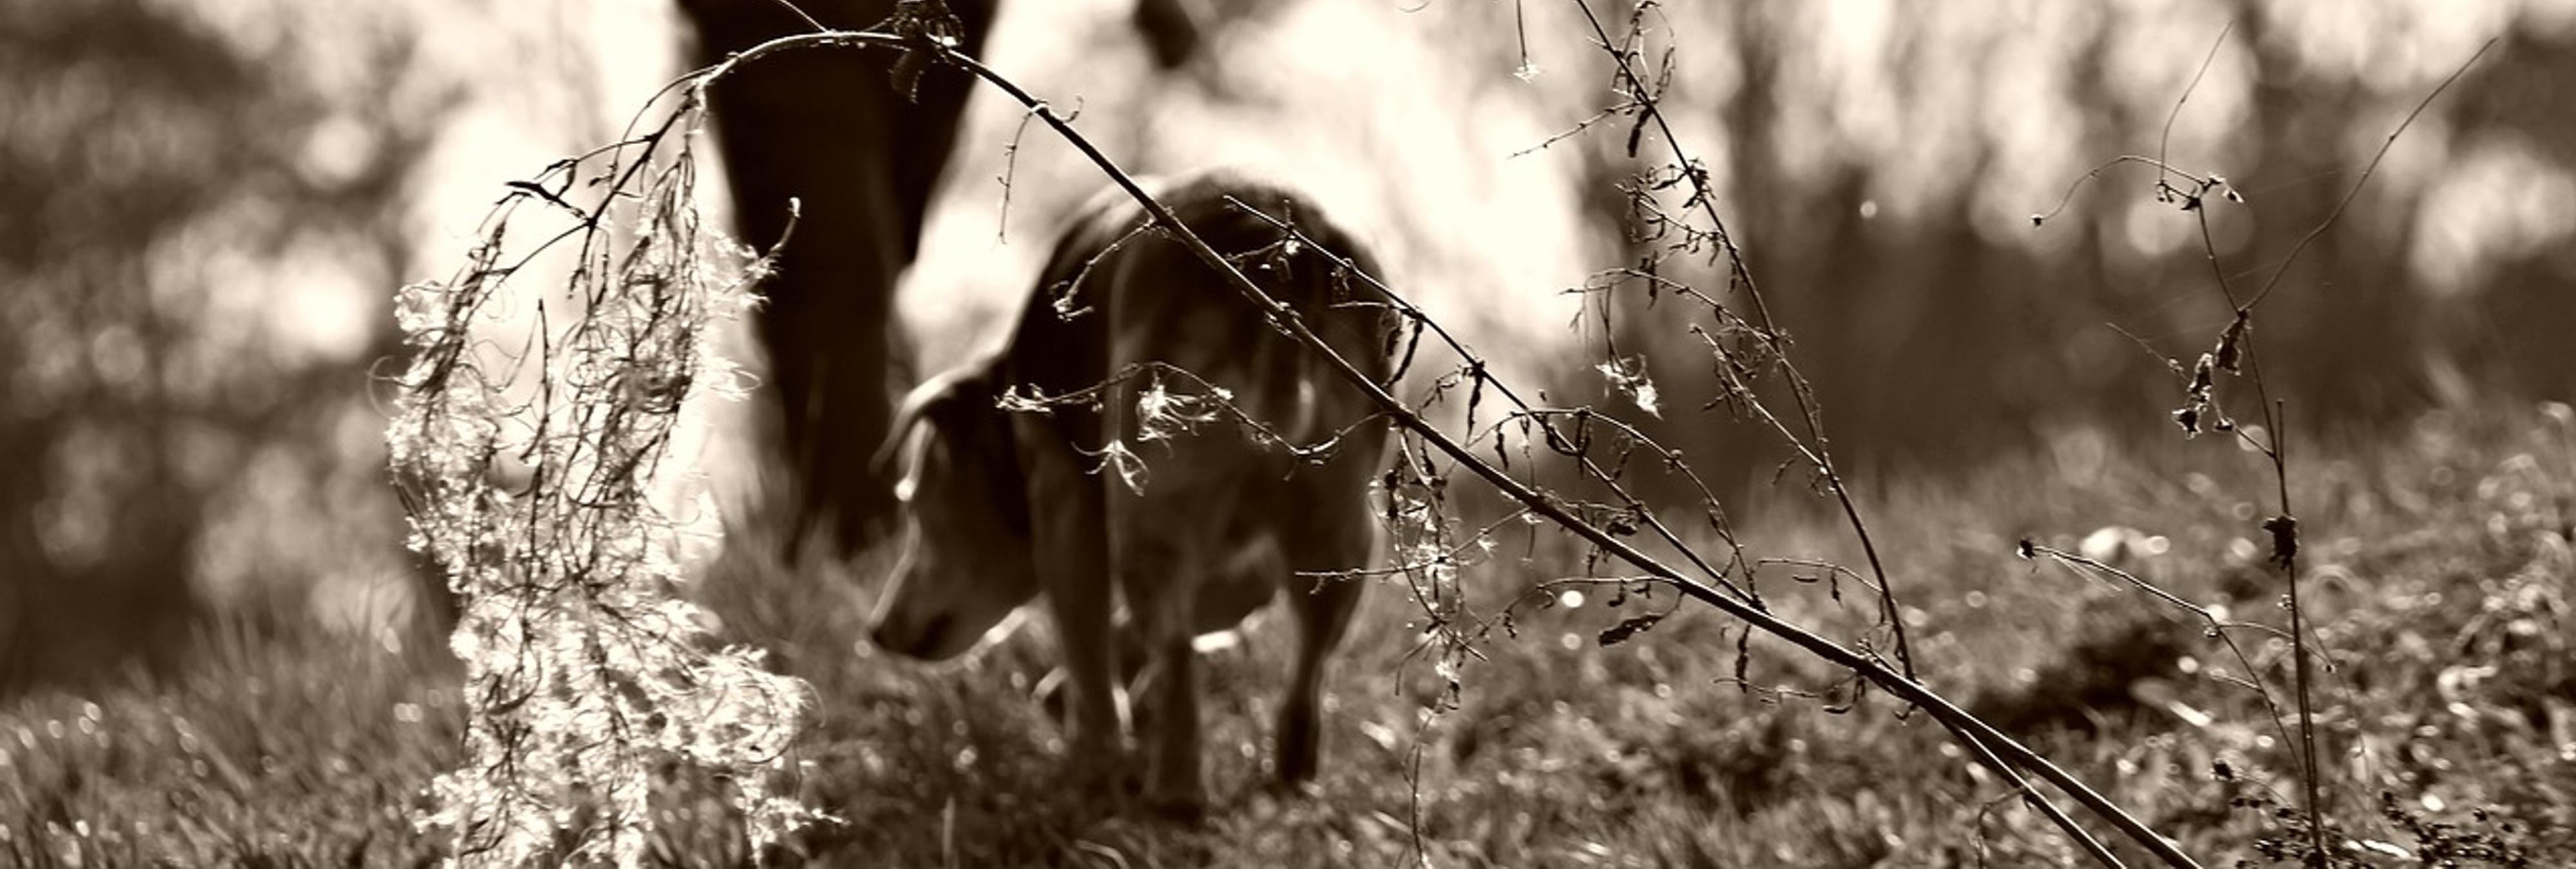 Un perro abandonado ve cómo su antigua familia va a buscar un nuevo perro a la misma protectora